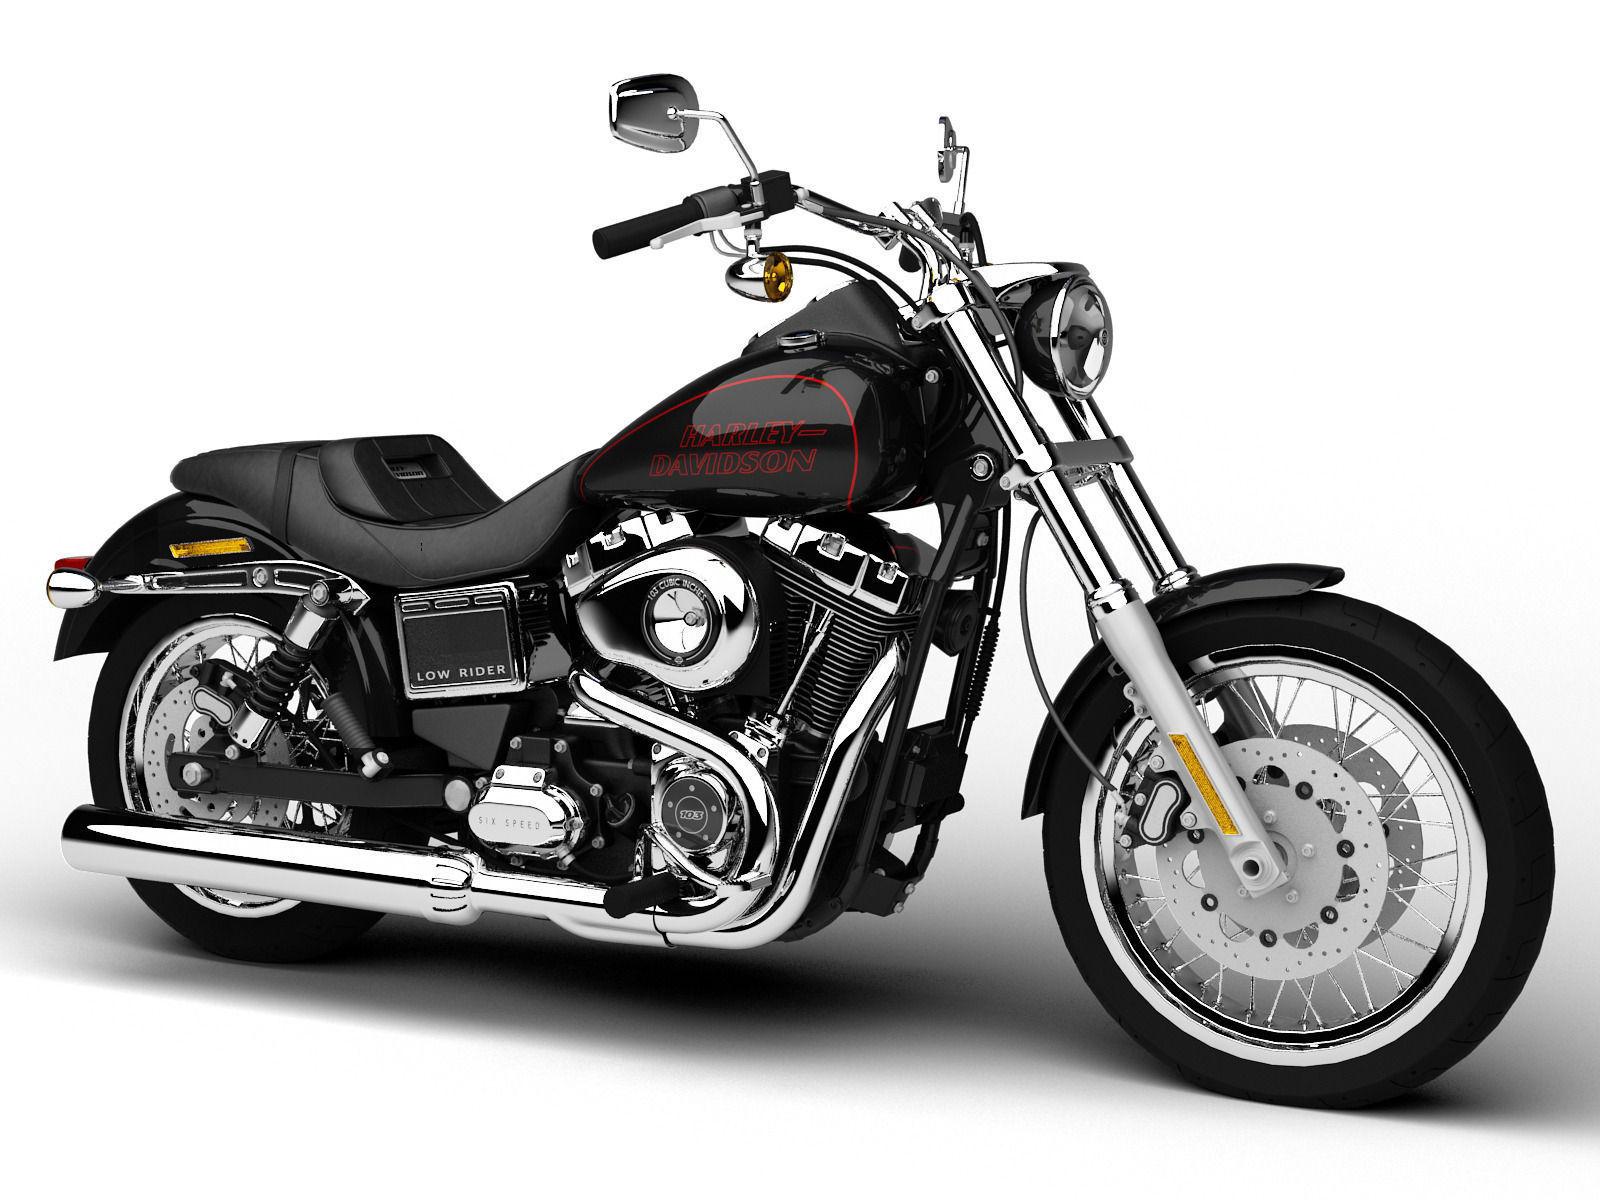 Custom Harley Davidson Dyna Fxdl Build: Harley-Davidson FXDL Dyna Low Rider 2015 3D